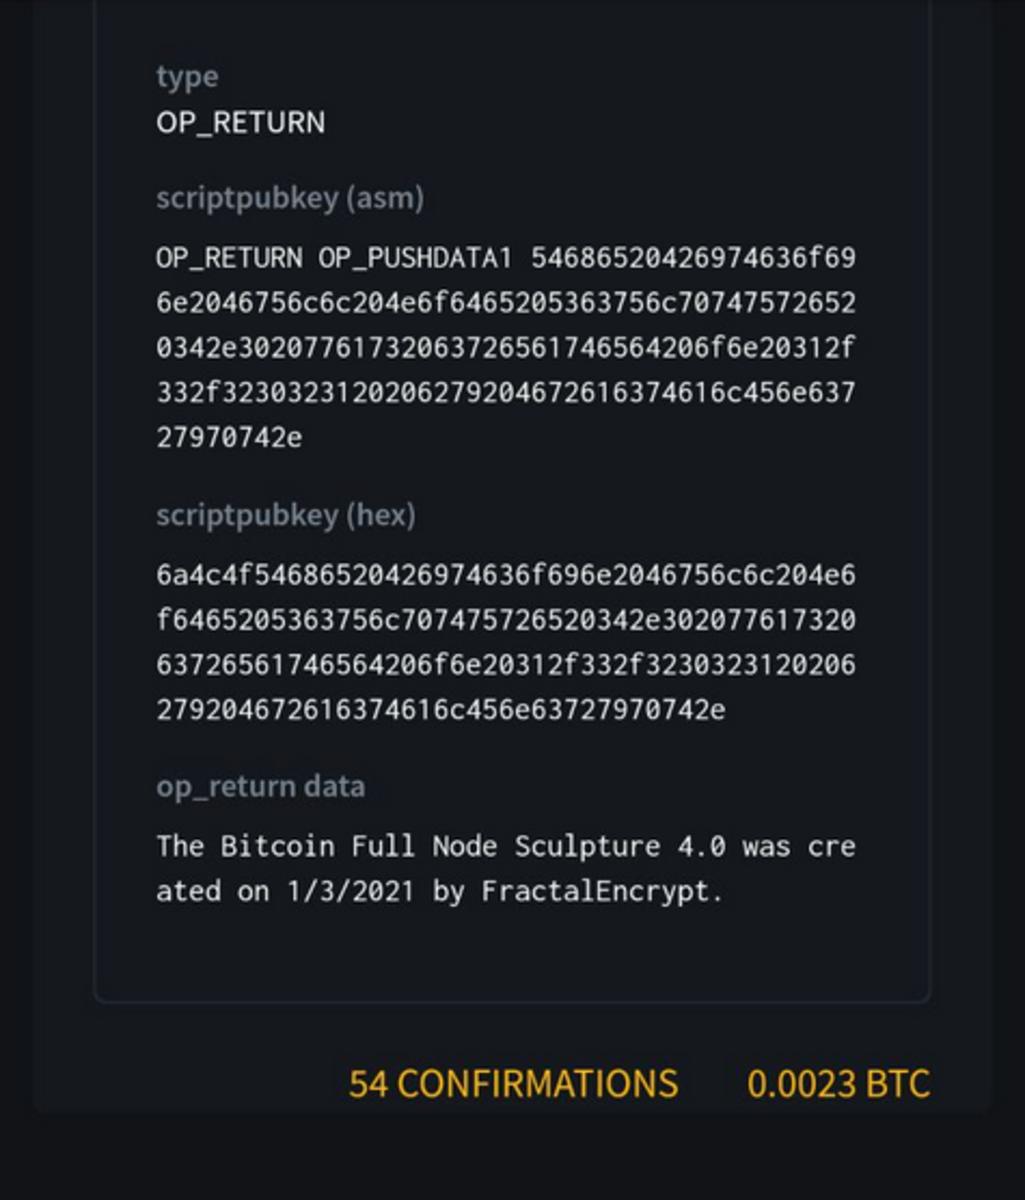 The hidden message on the Bitcoin blockchain.